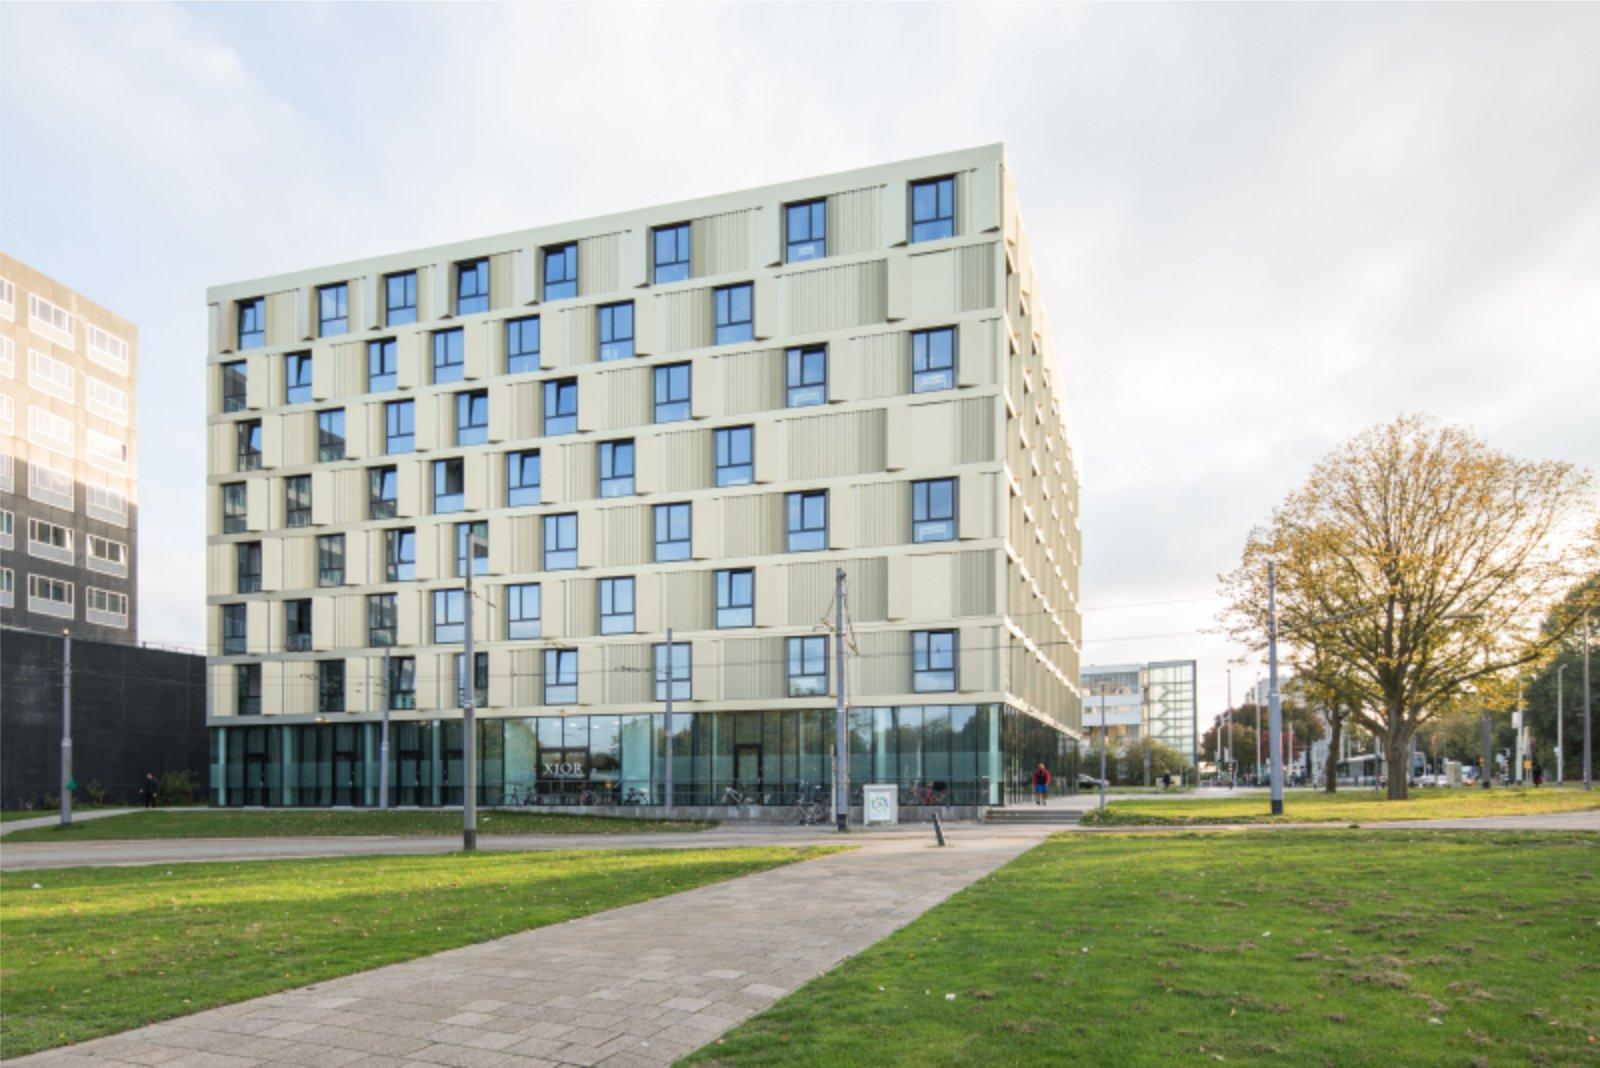 Erasmus Campus